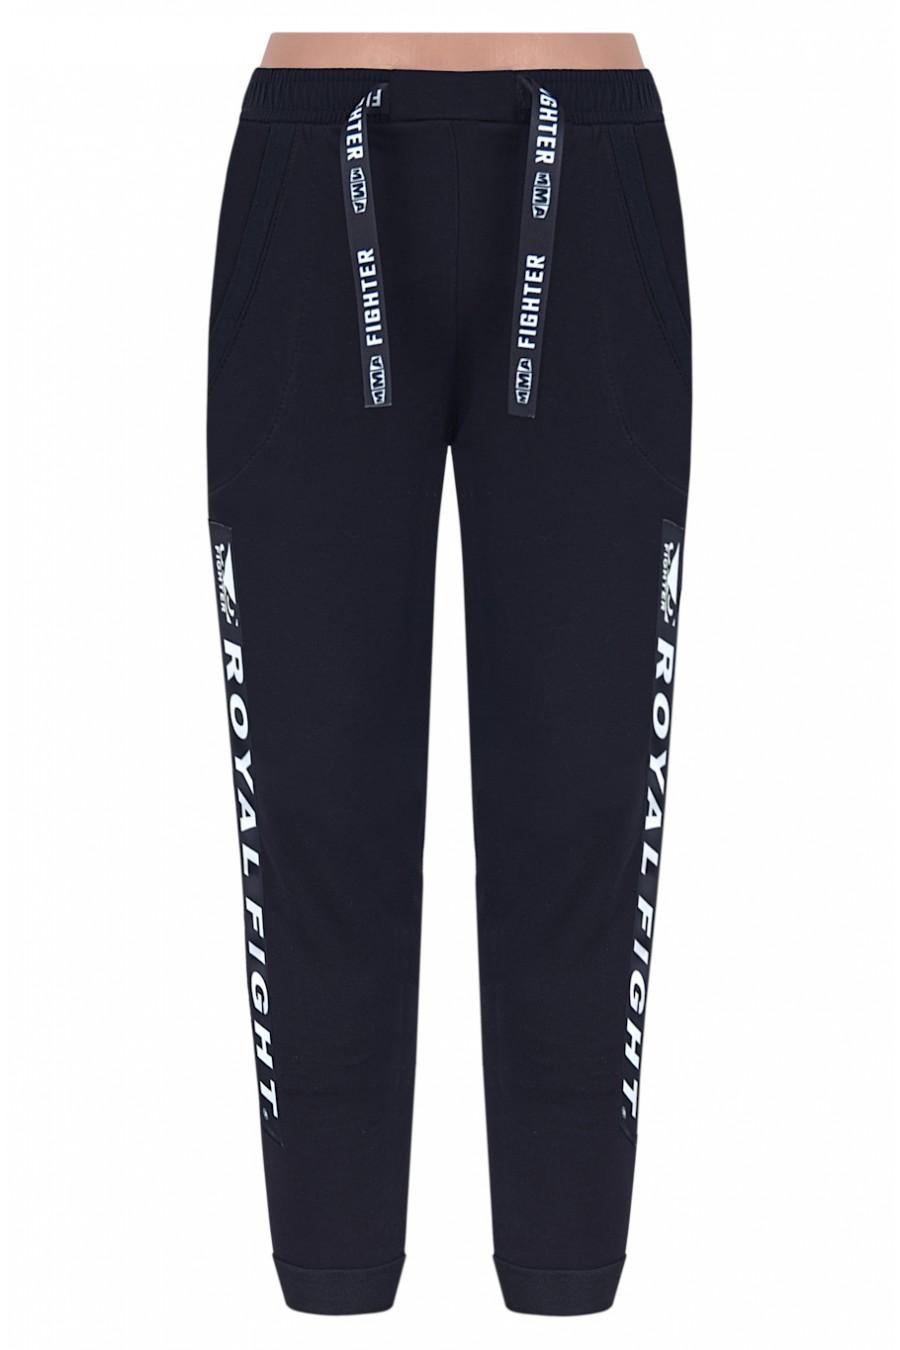 Spodnie STREET MGP ROYAL czarne